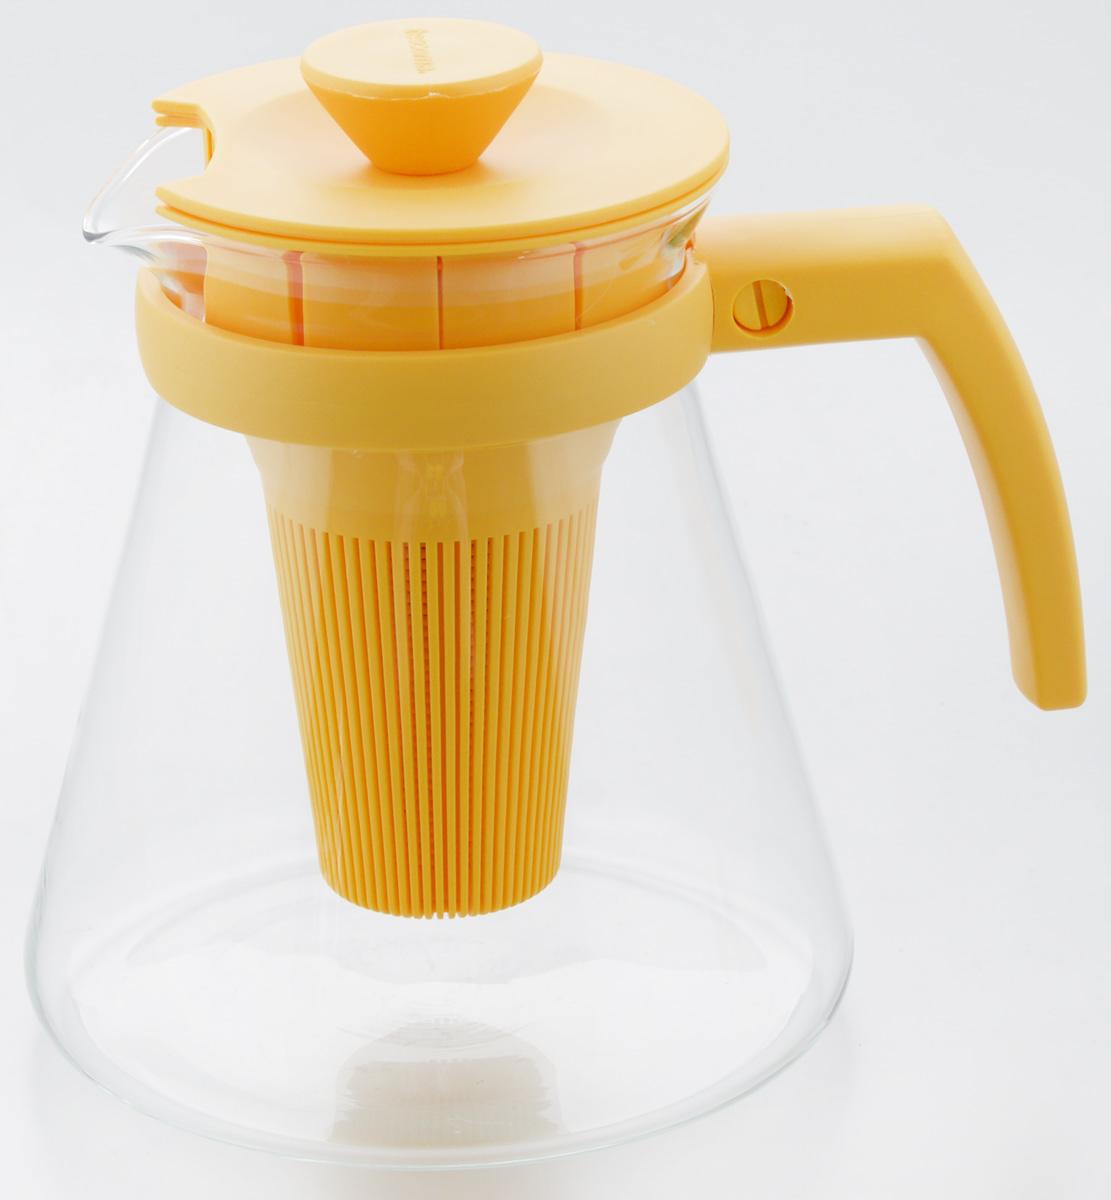 Чайник заварочный Tescoma Teo Tone, с ситечком, цвет: желтый, прозрачный, 1,25 л646623.12Чайник заварочный Tescoma Teo Tone предназначен для подготовки и сервировки всех видов чая и чайных напитков. Чайник снабжен глубоким ситечком для заваривания свежей мяты, мелиссы, имбиря, сушеного шиповника, фруктов, а также очень густым ситечком для заваривания всех видов рассыпного чая. Корпус чайника изготовлен из термостойкого боросиликатного стекла, поэтому его можно ставить на плиту. Ручка, крышка и ситечко изготовлены из прочного пластика. Чайник подходит для газовых, электрических и стеклокерамических плит, микроволновой печи. Не рекомендуется мыть в посудомоечной машине. Инструкция по использованию внутри упаковки. Диаметр (по верхнему краю): 10 см. Диаметр основания: 14 см. Высота: 16 см.